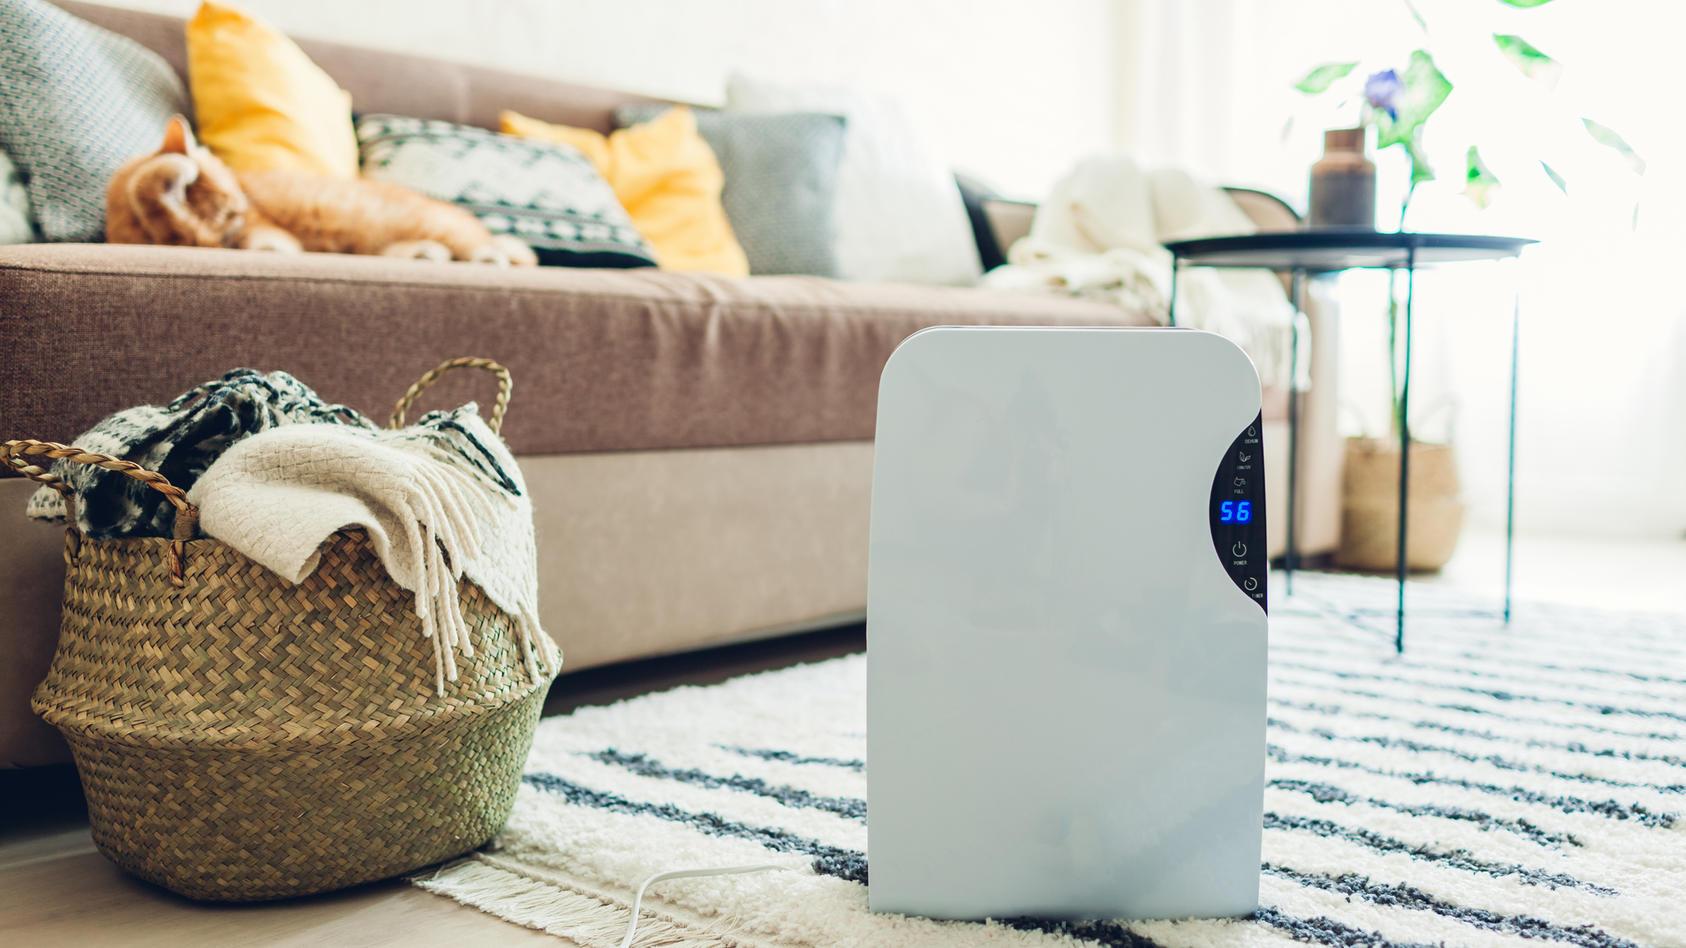 Maßnahme gegen trockene Heizungsluft: Luftbefeuchter im Wohnzimmer.